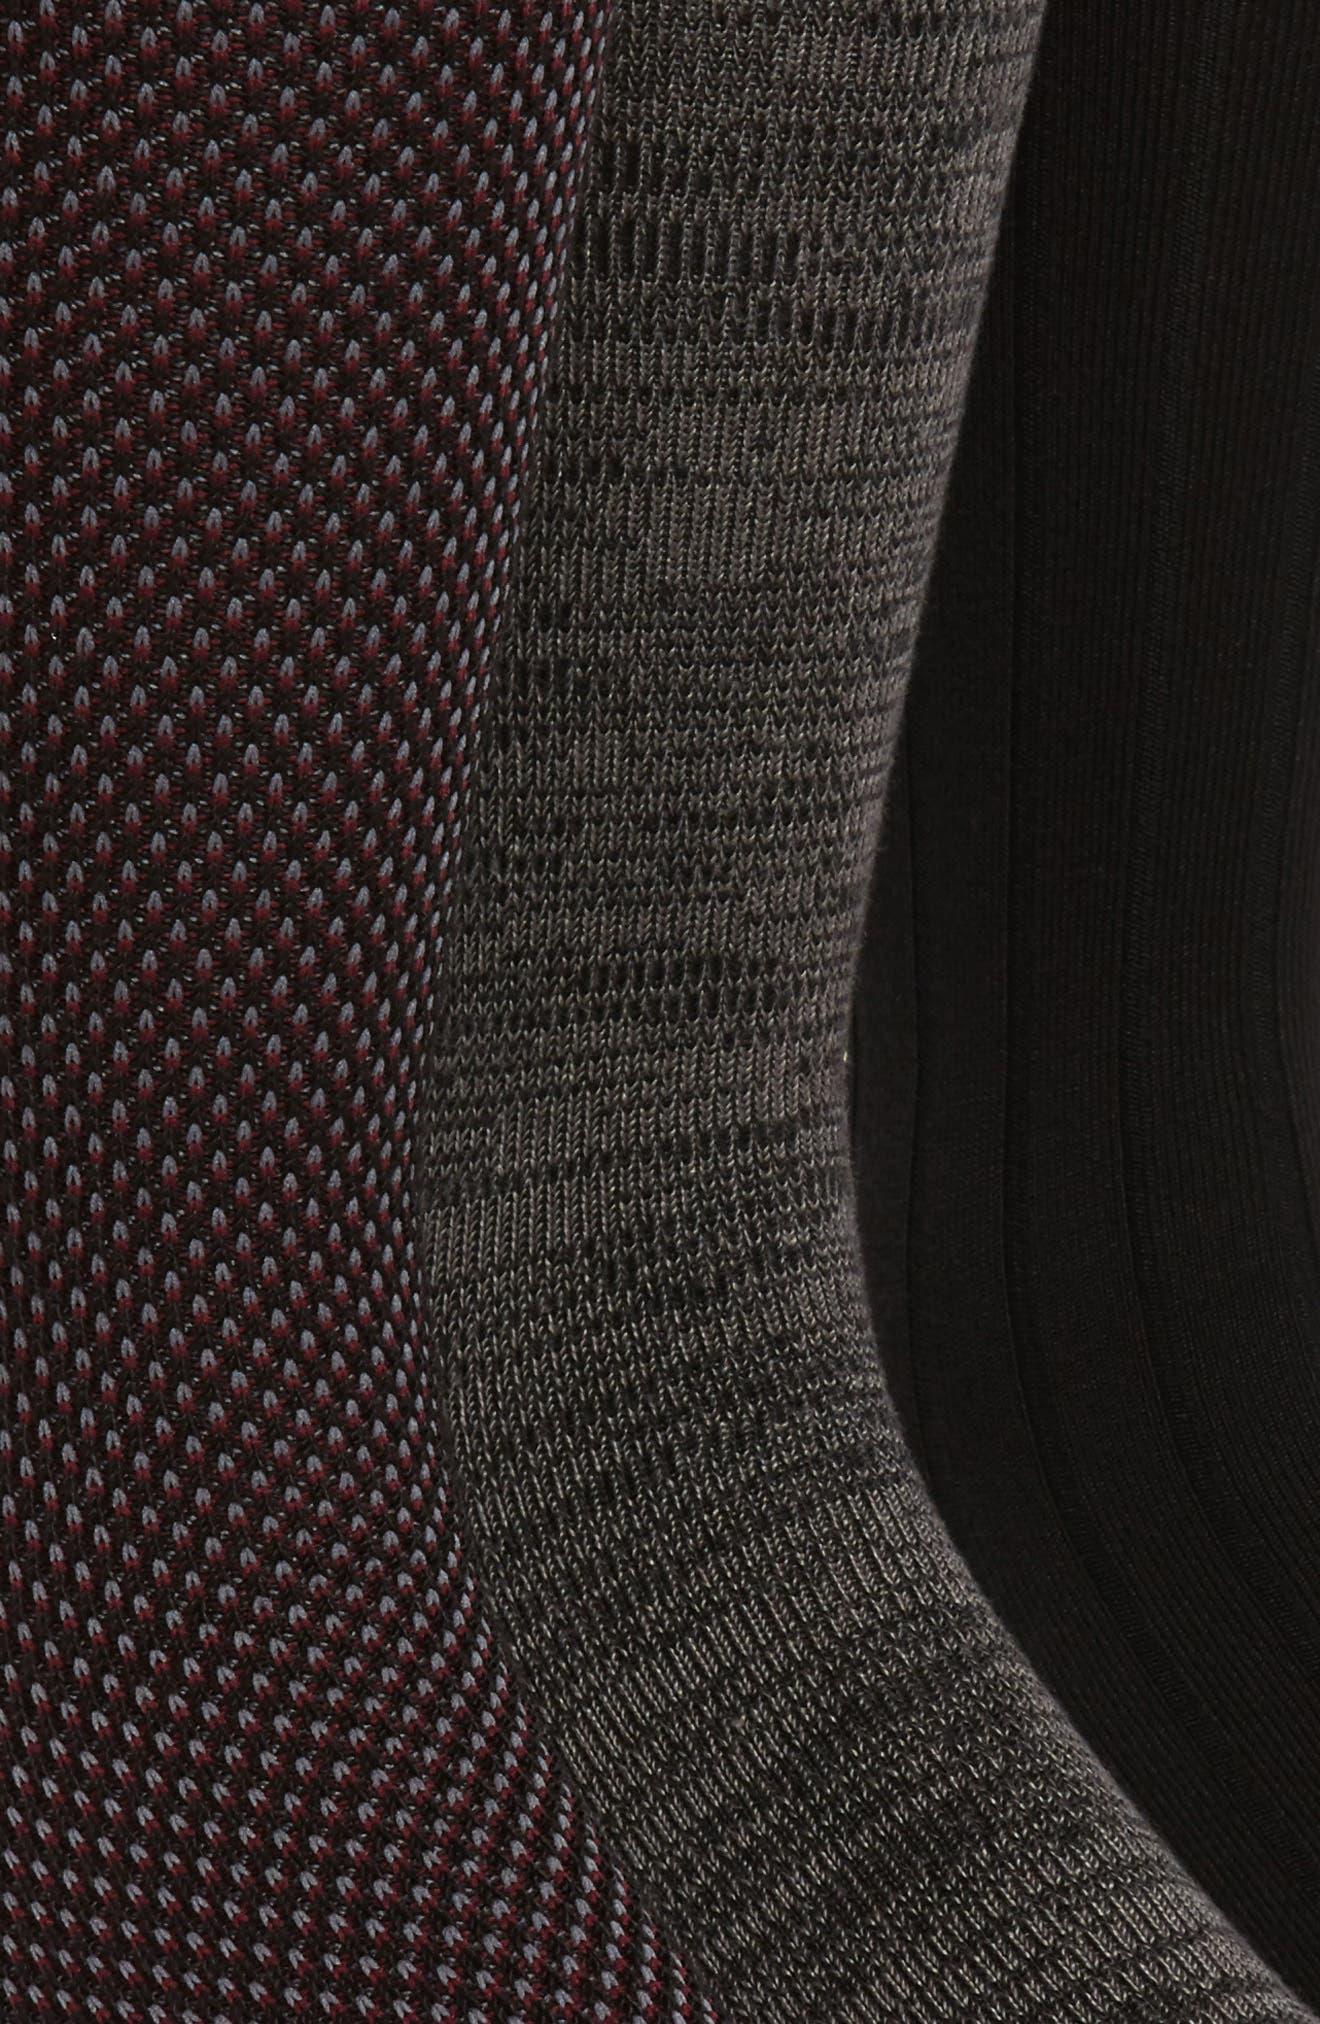 POLO RALPH LAUREN, Assorted 3-Pack Bird's Eye Socks, Alternate thumbnail 2, color, BLACK